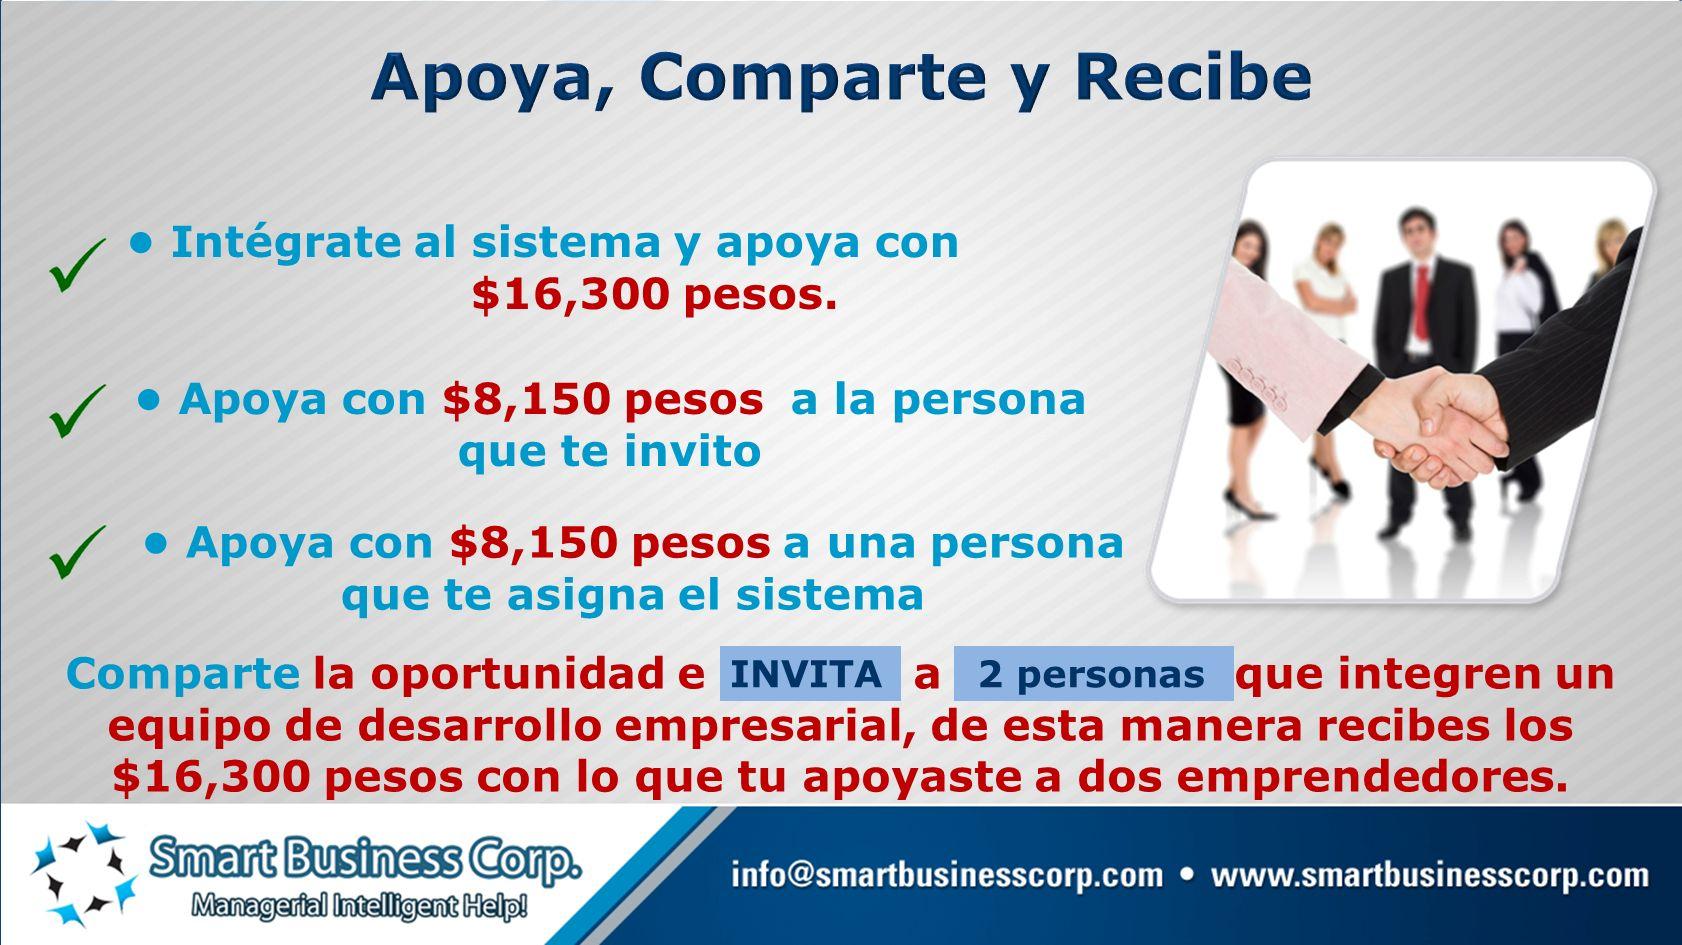 Intégrate al sistema y apoya con $16,300 pesos. Comparte la oportunidad e INVITA a 2 personas que integren un equipo de desarrollo empresarial, de est